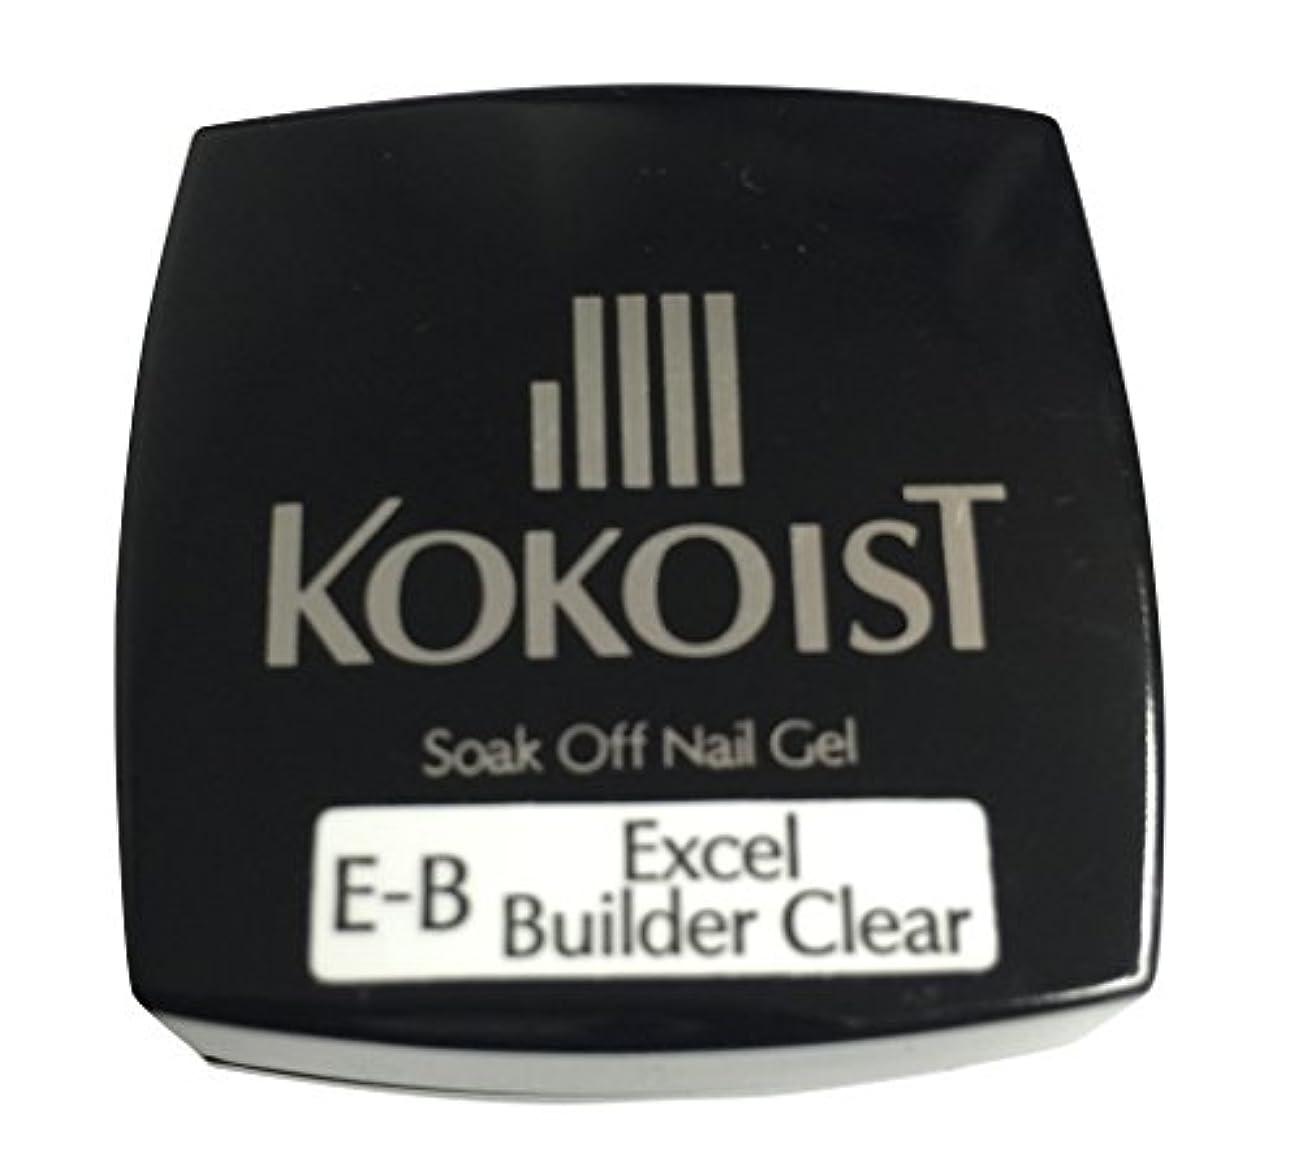 手を差し伸べる憂慮すべき能力KOKOIST(ココイスト) ソークオフクリアジェル エクセルビルダー  4g